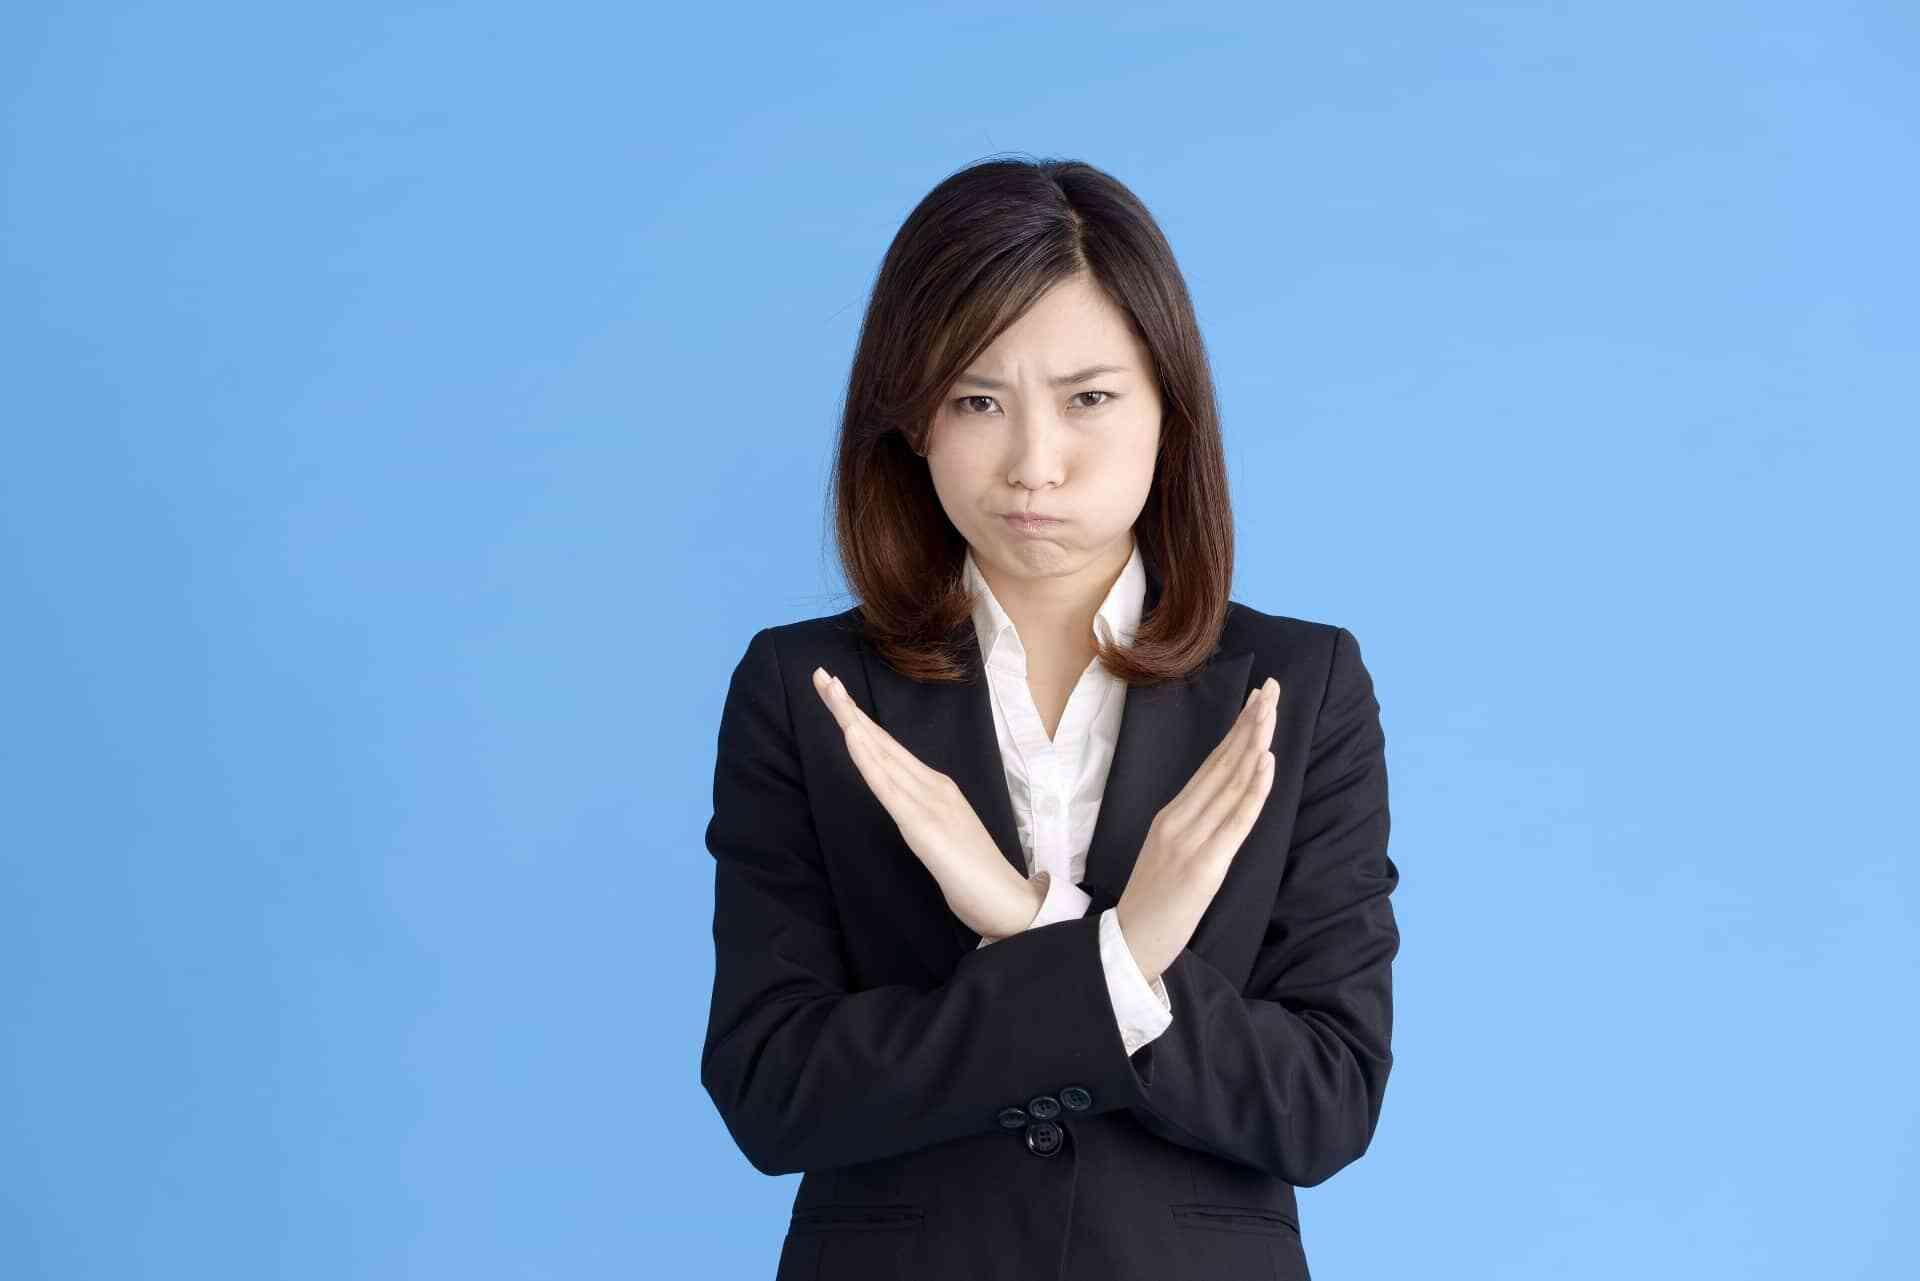 就職偏差値とは-就活生が知るべきランキングや企業の裏側を解説!-